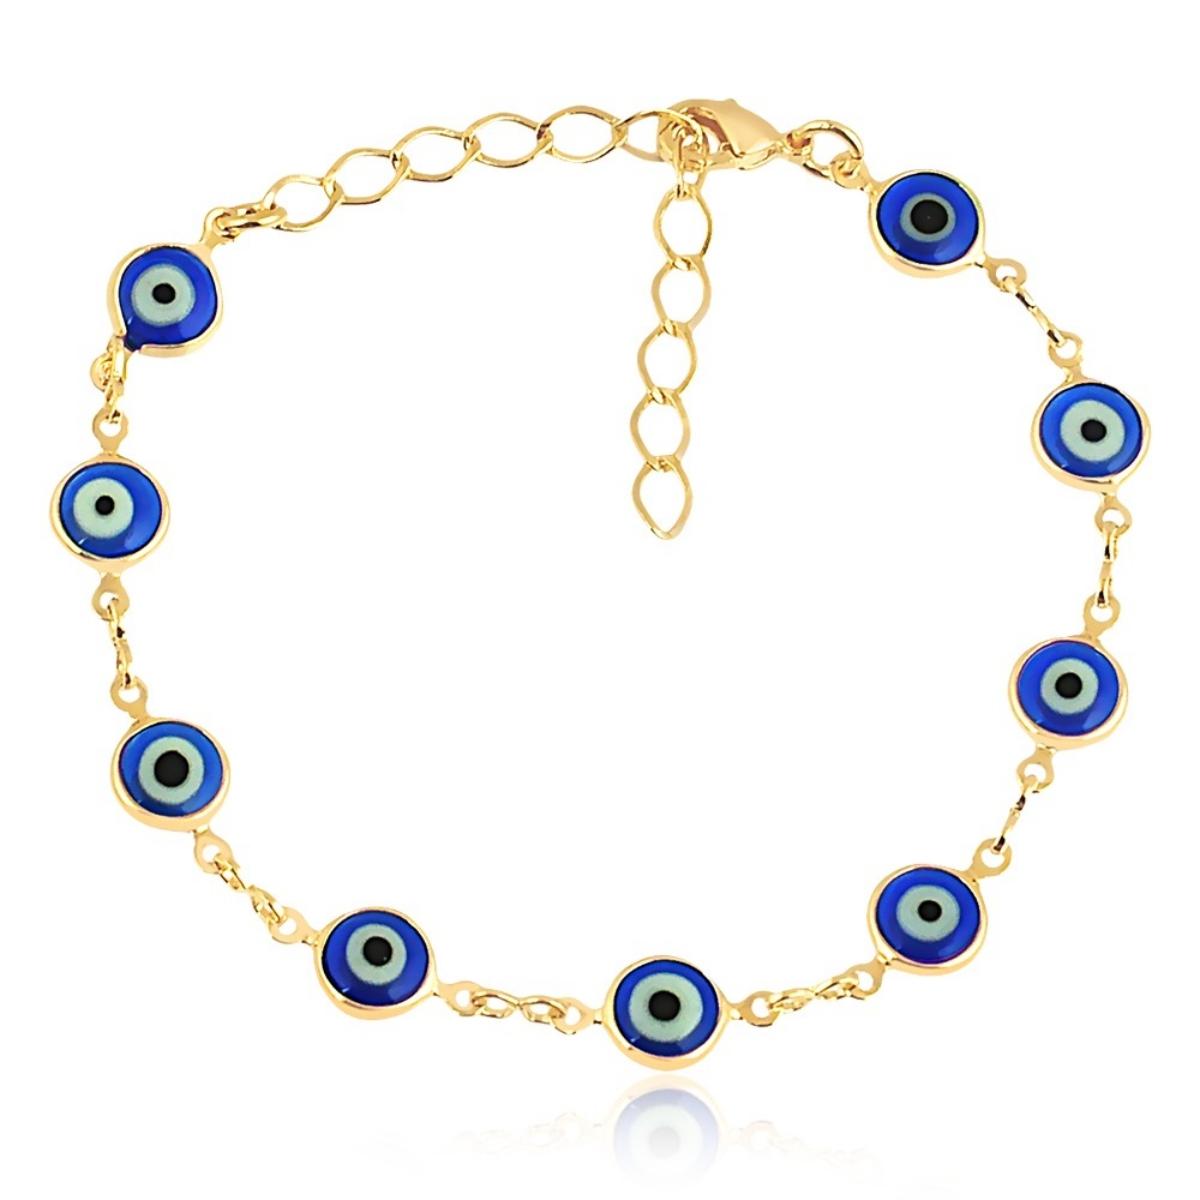 Pulseira de Olho Grego Azul Semijoia em Ouro 18K  - Soloyou